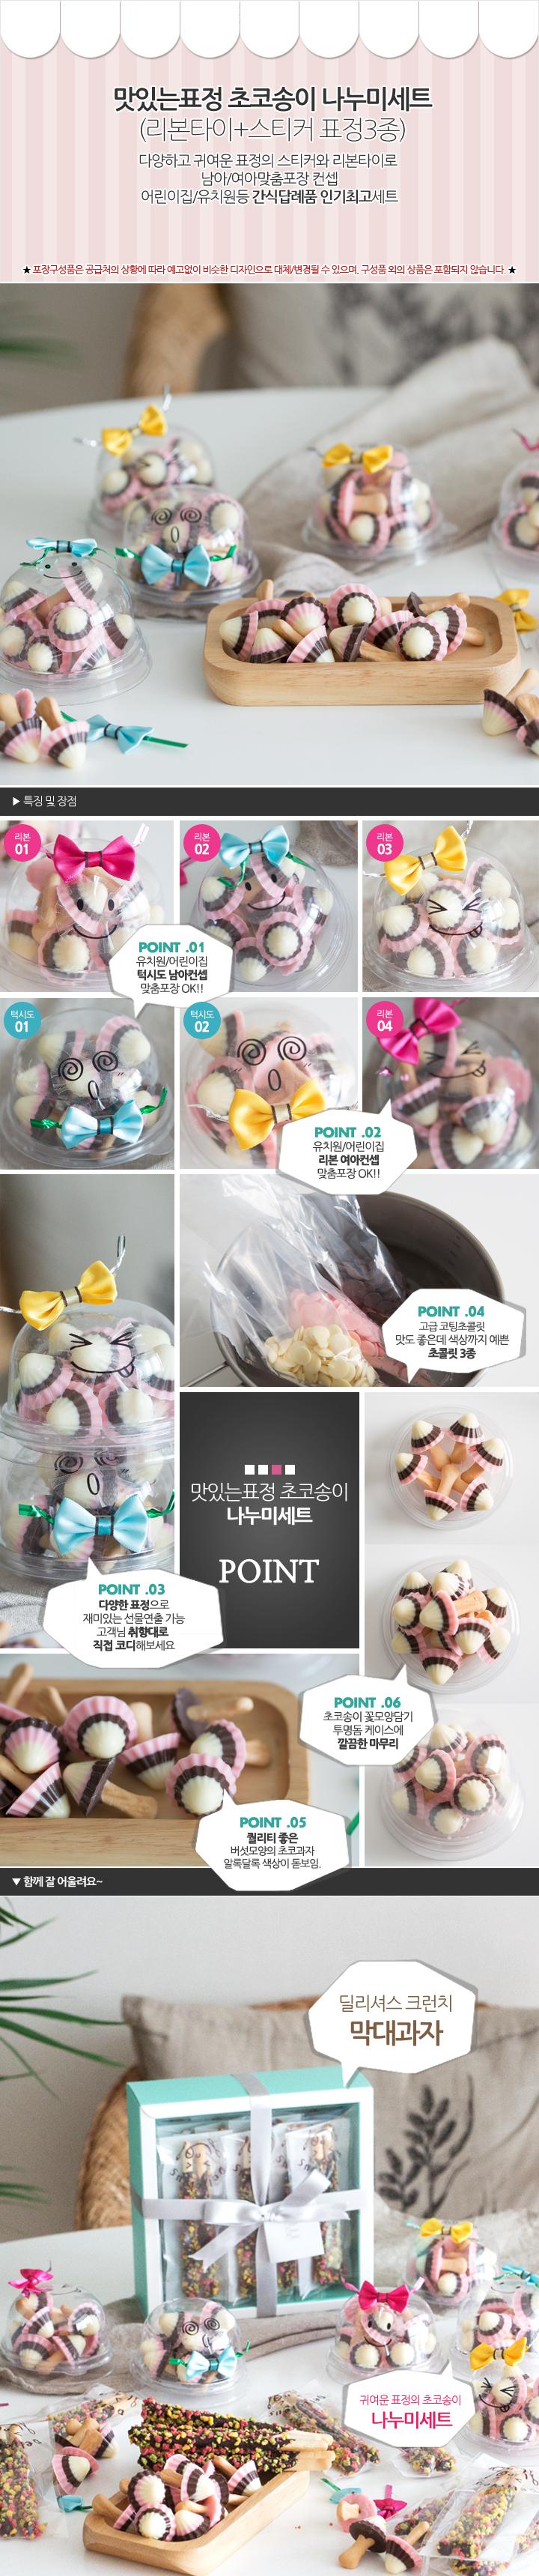 맛있는표정 초코송이나누미세트 - 이홈베이킹, 9,800원, DIY세트, 막대과자 만들기